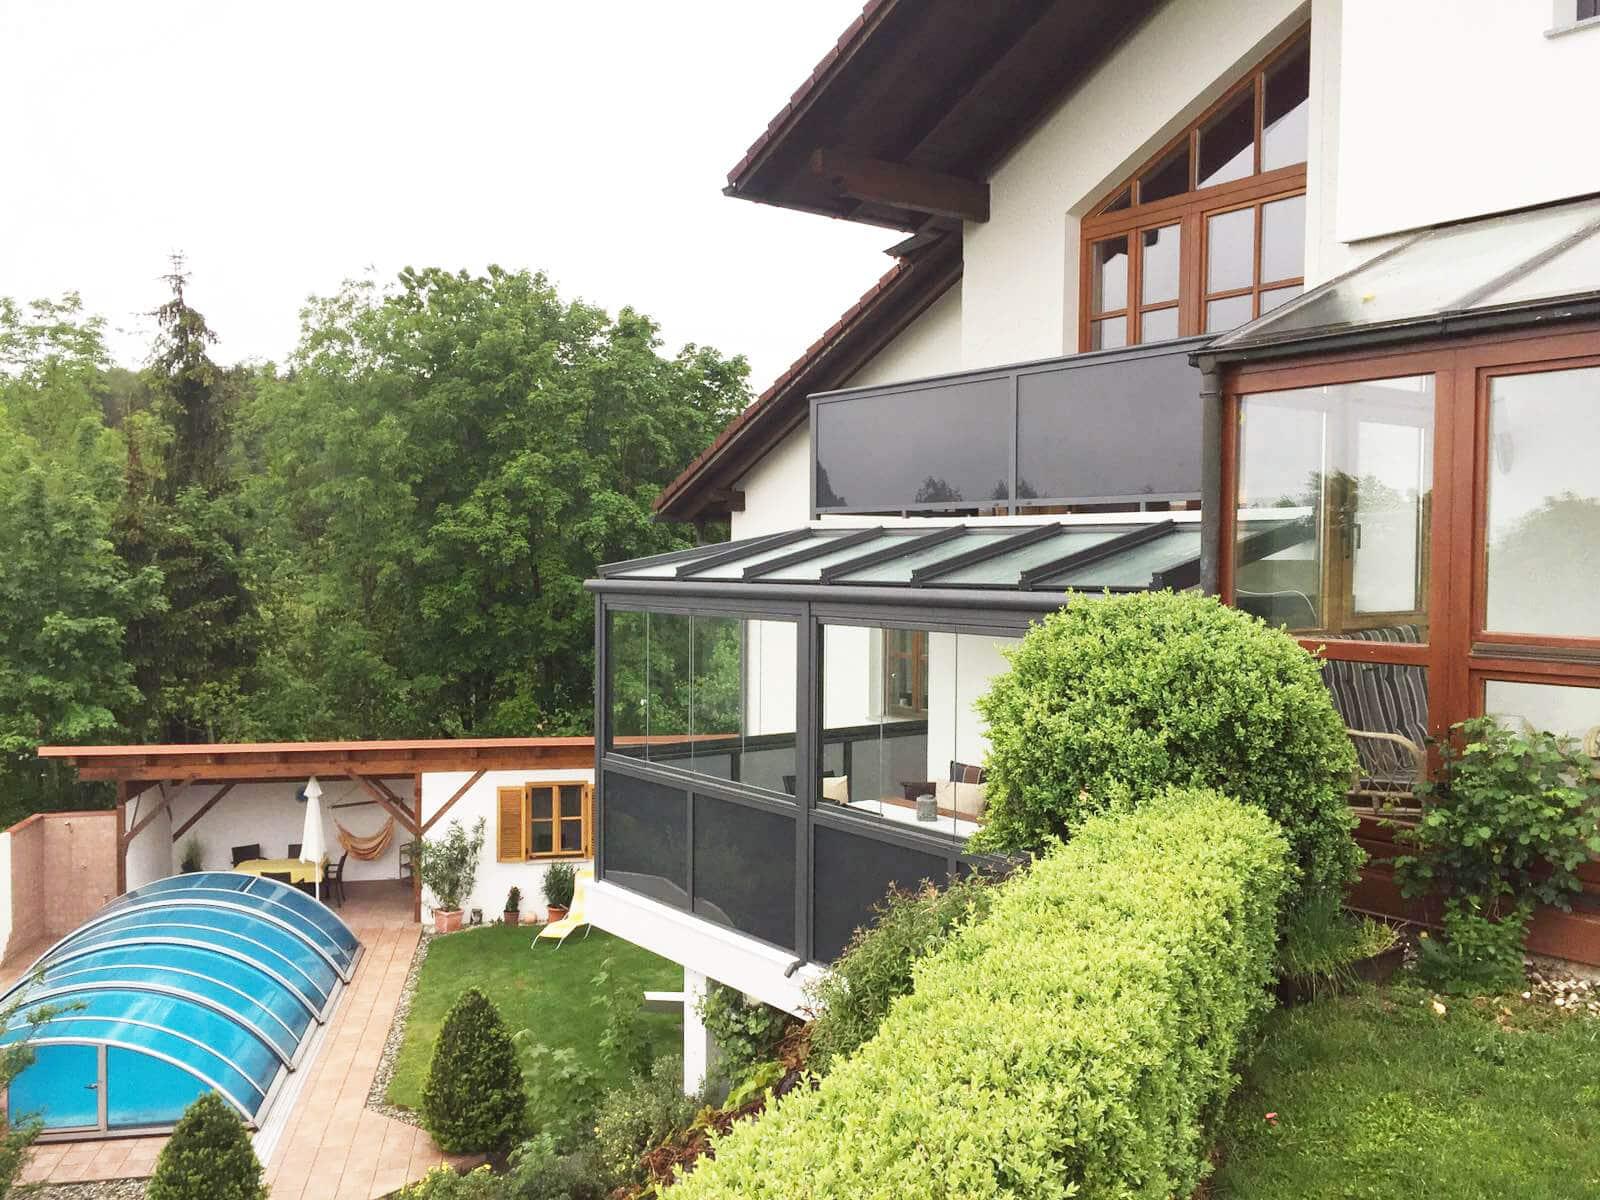 Sommergarten unterm Balkon